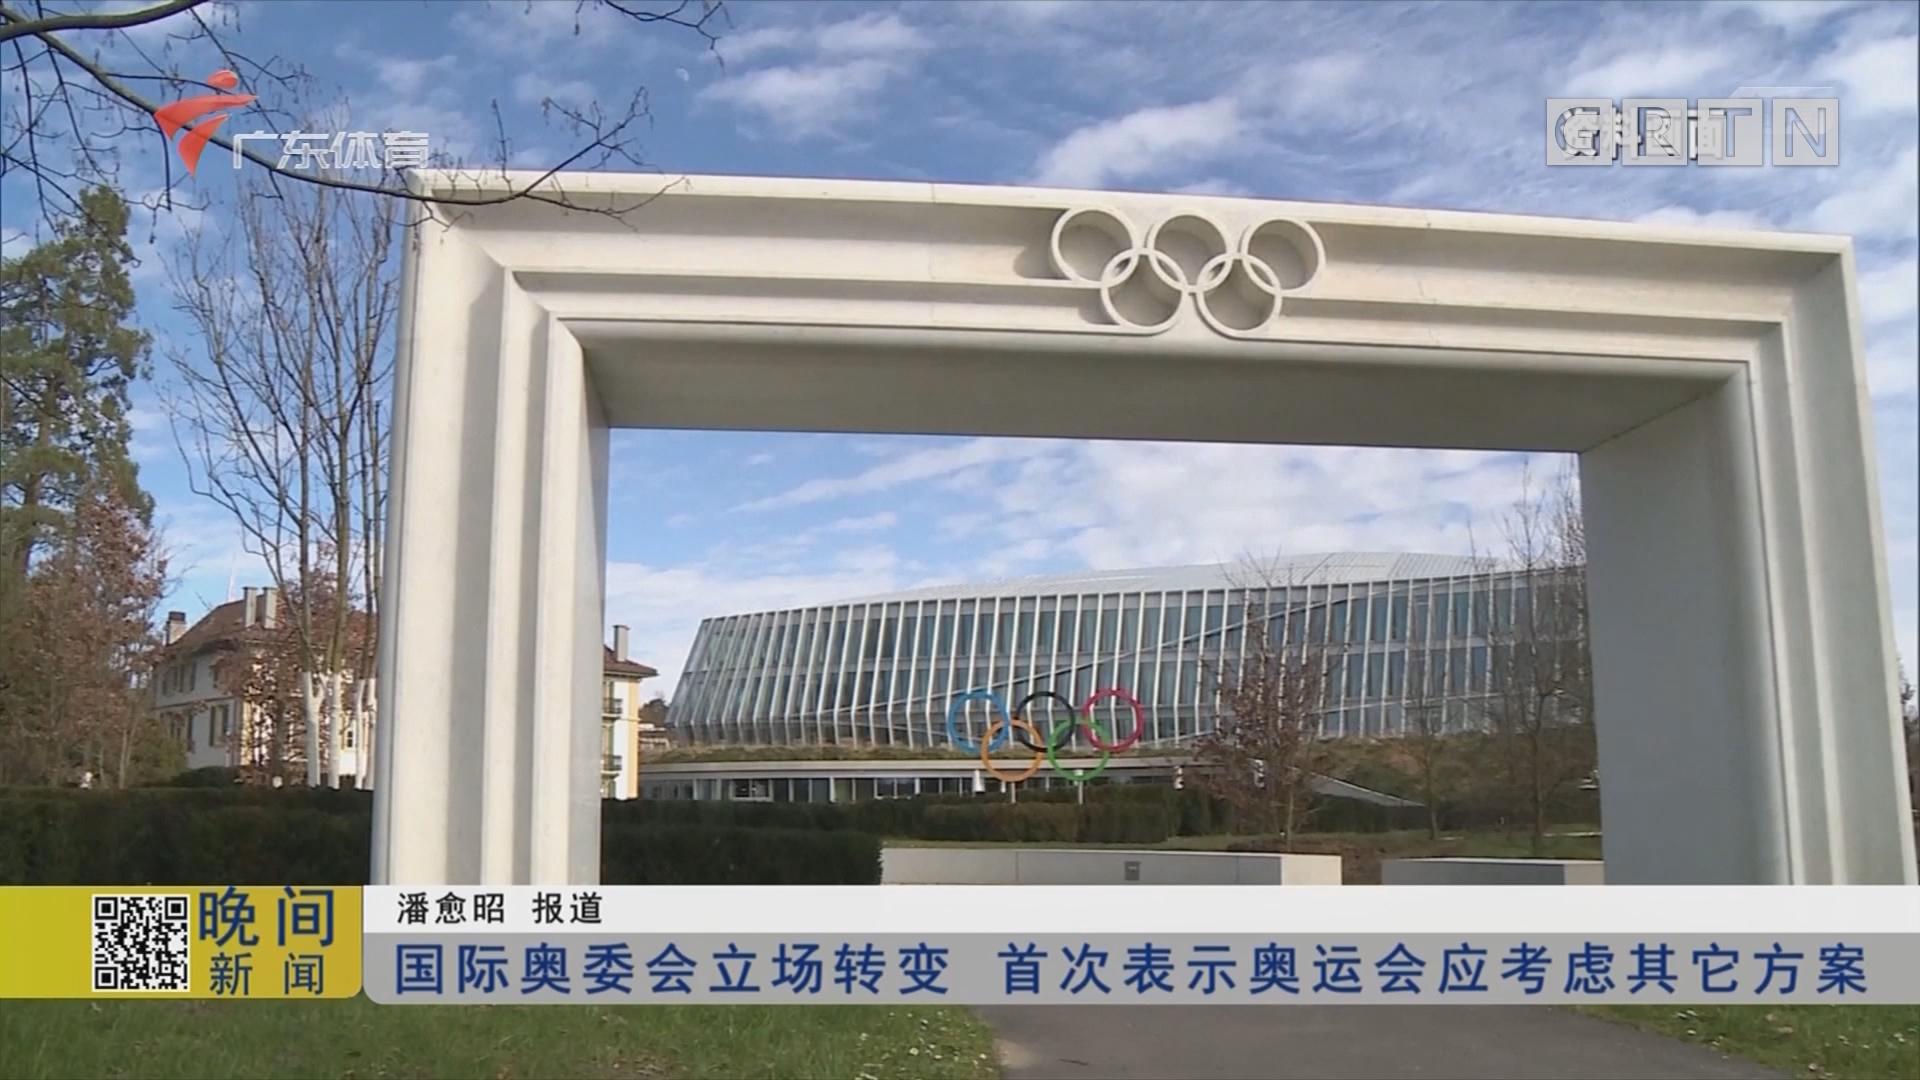 国际奥委会立场转变 首次表示奥运会应考虑其它方案